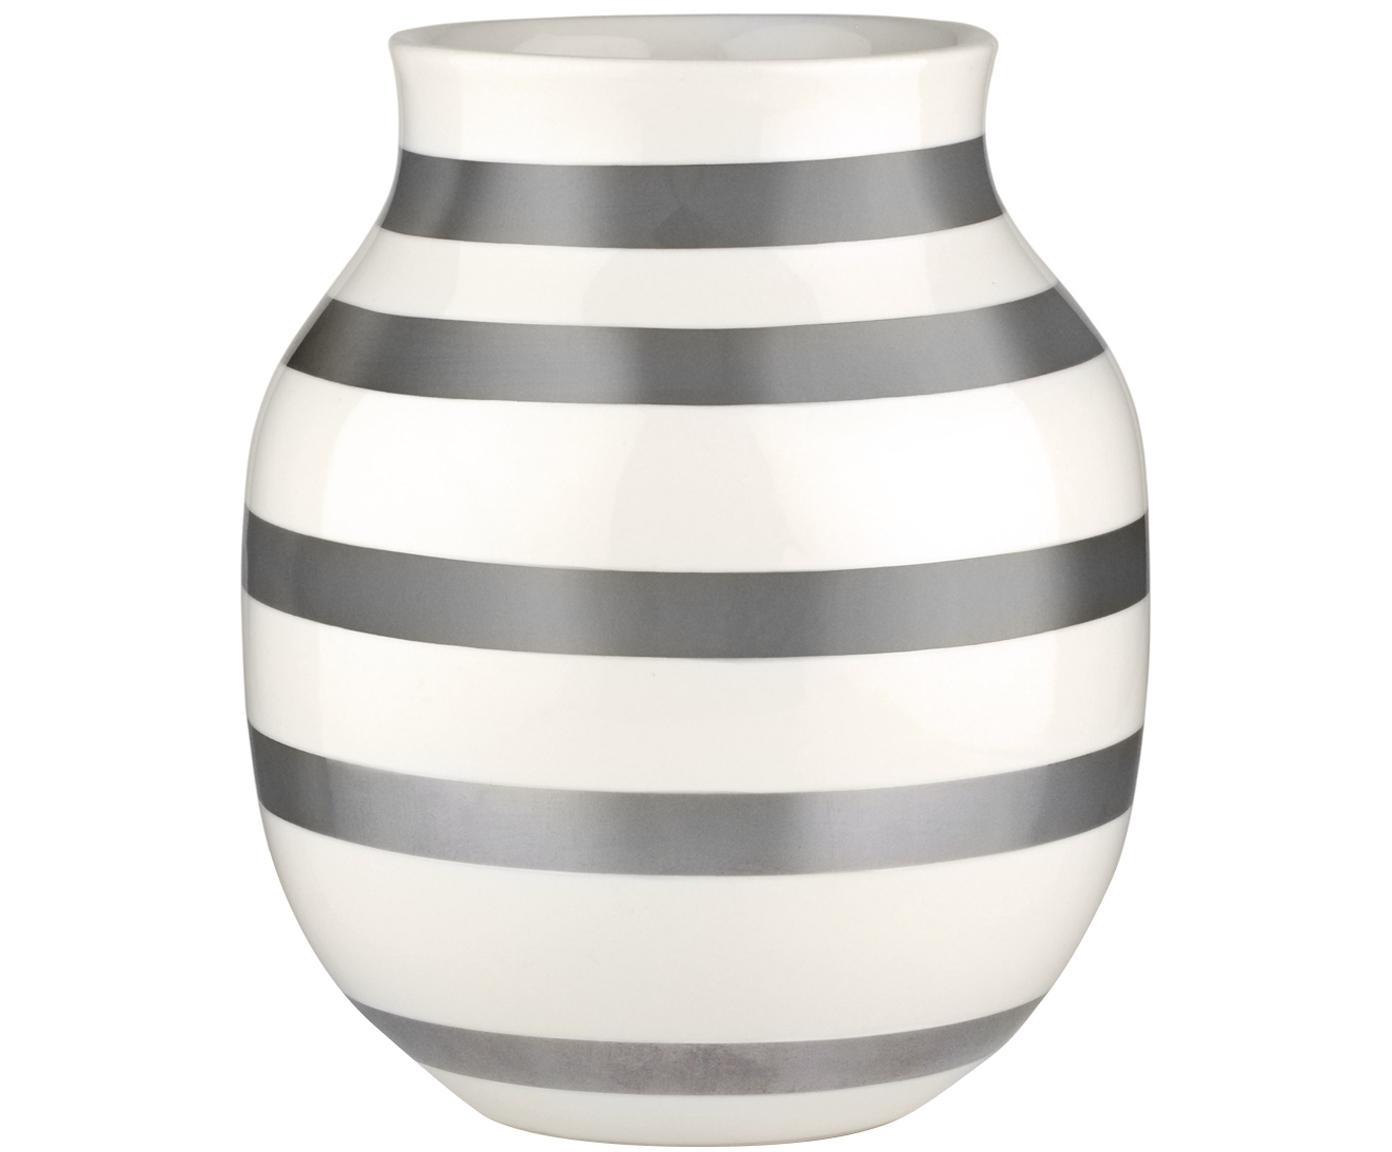 Handgefertigte Design-Vase Omaggio, medium, Keramik, Silberfarben, Weiss, Ø 17 x H 20 cm